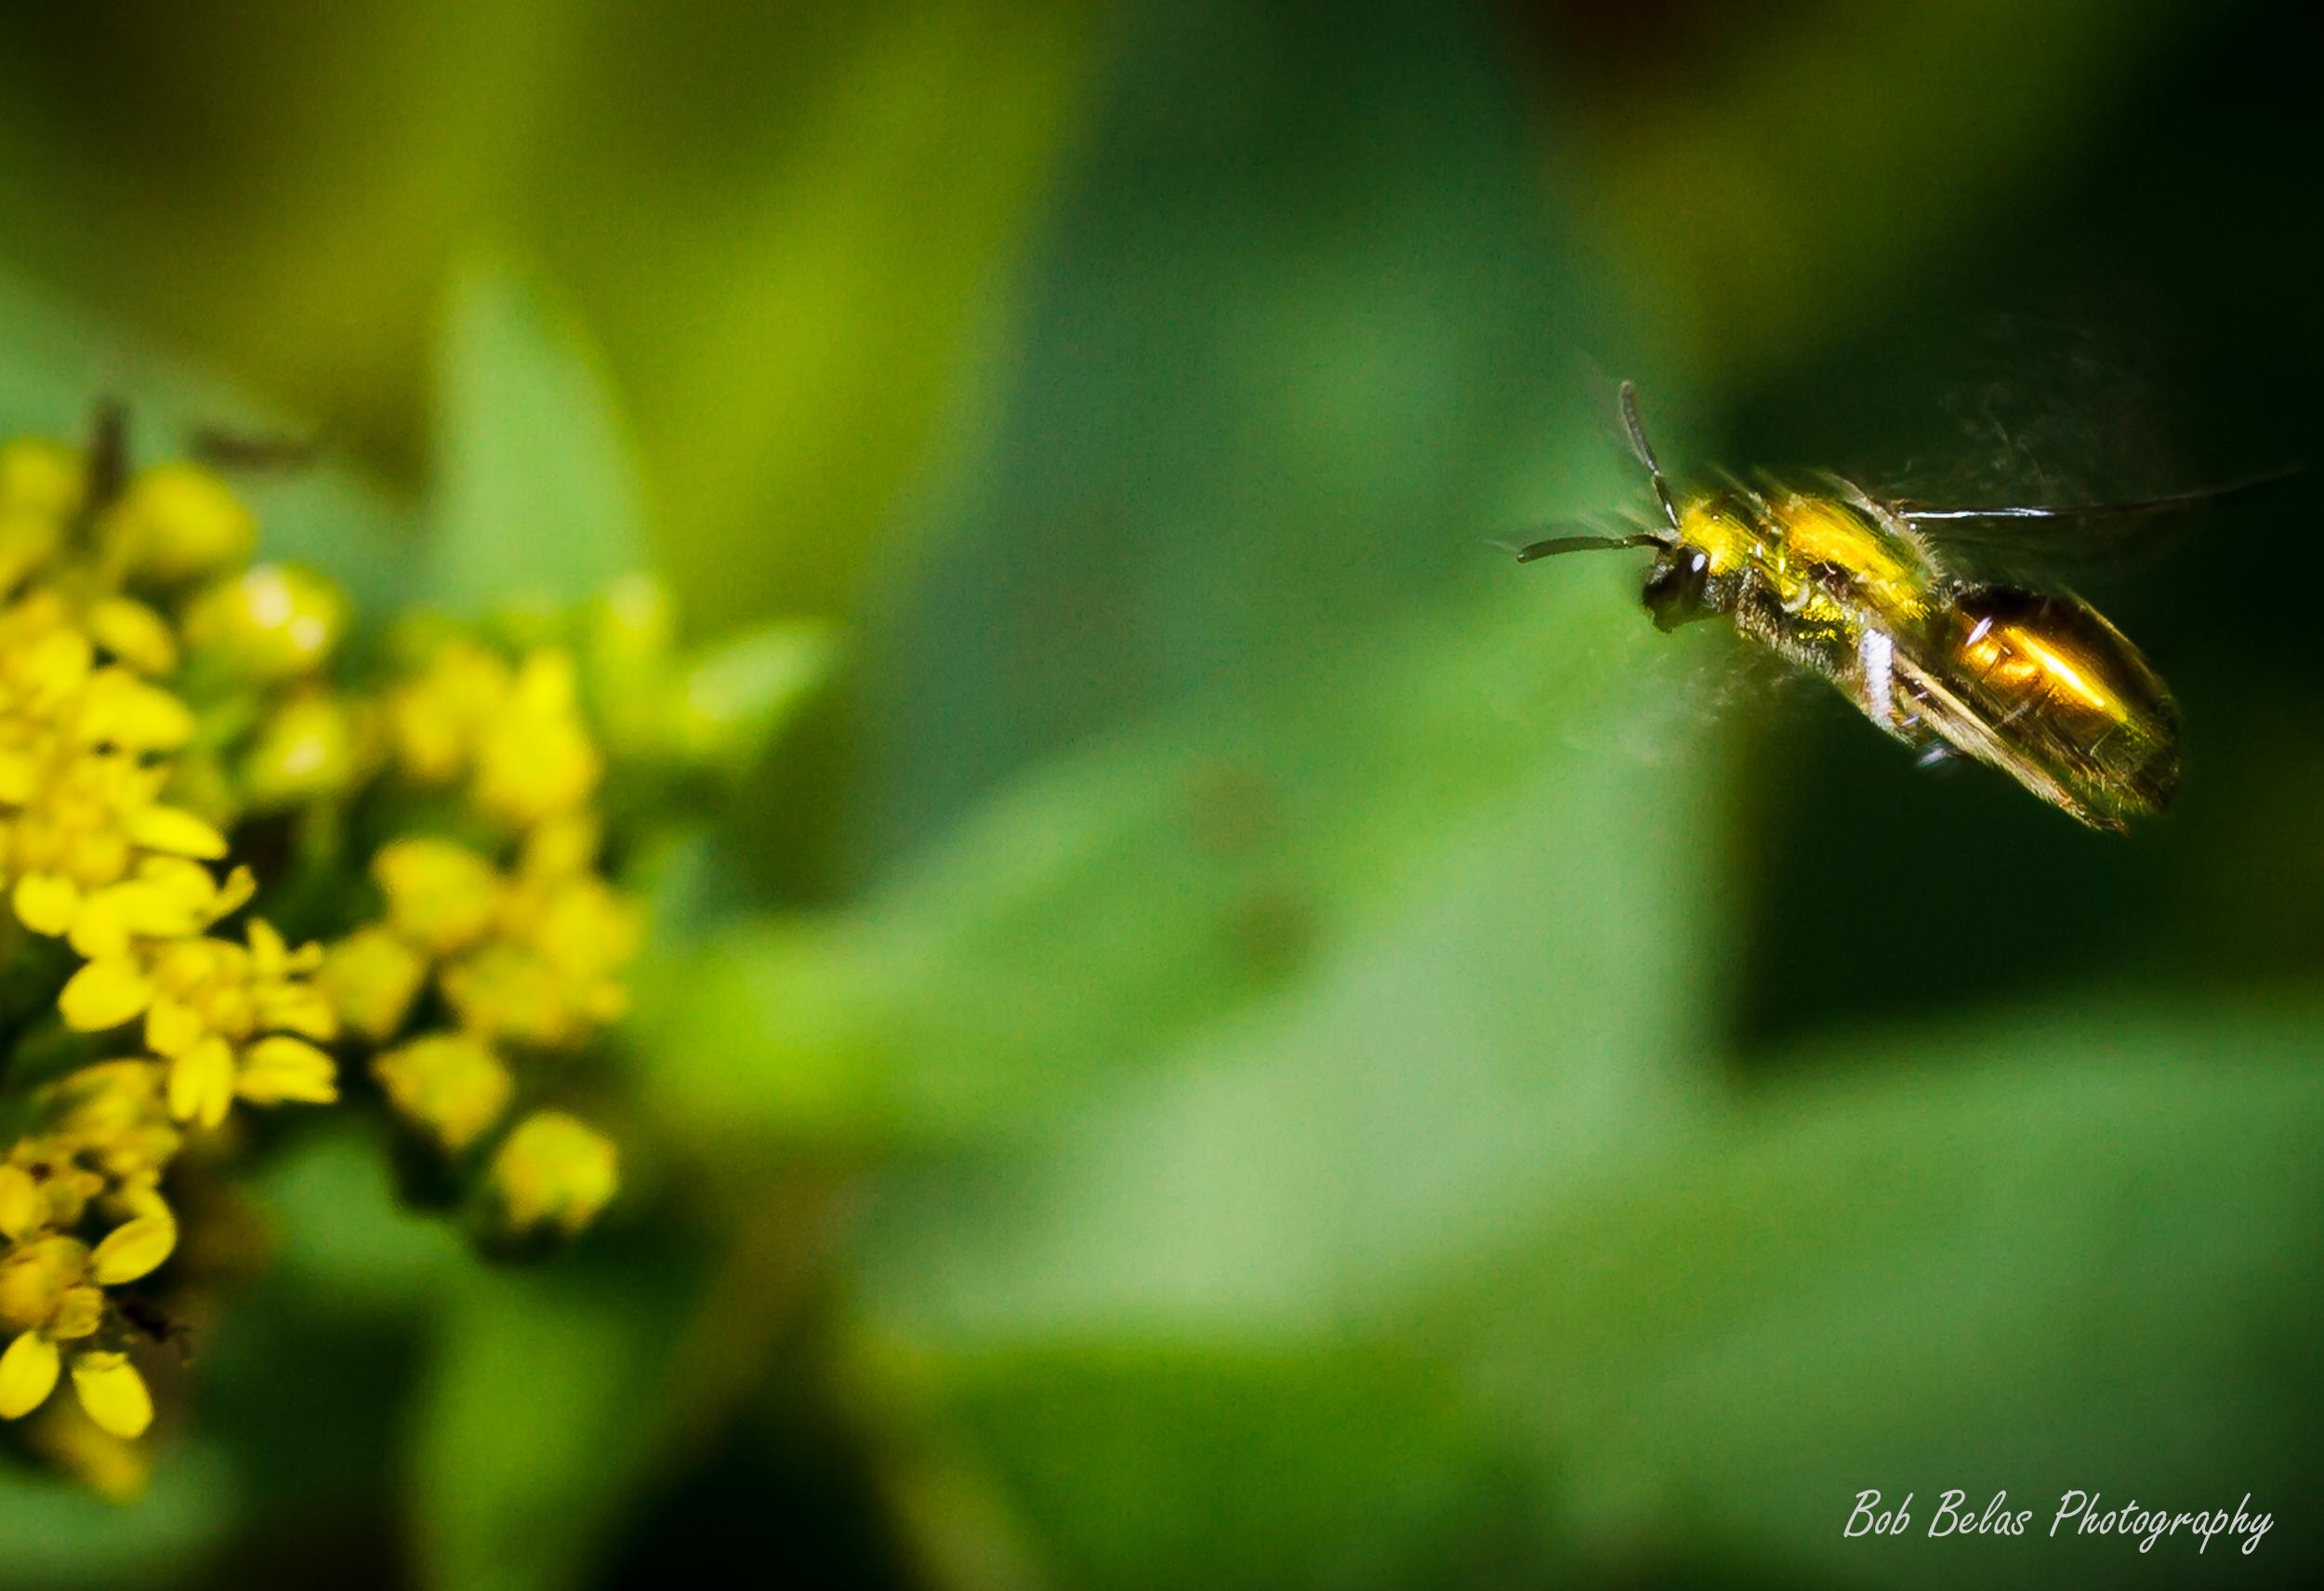 Sweat bee on final approach